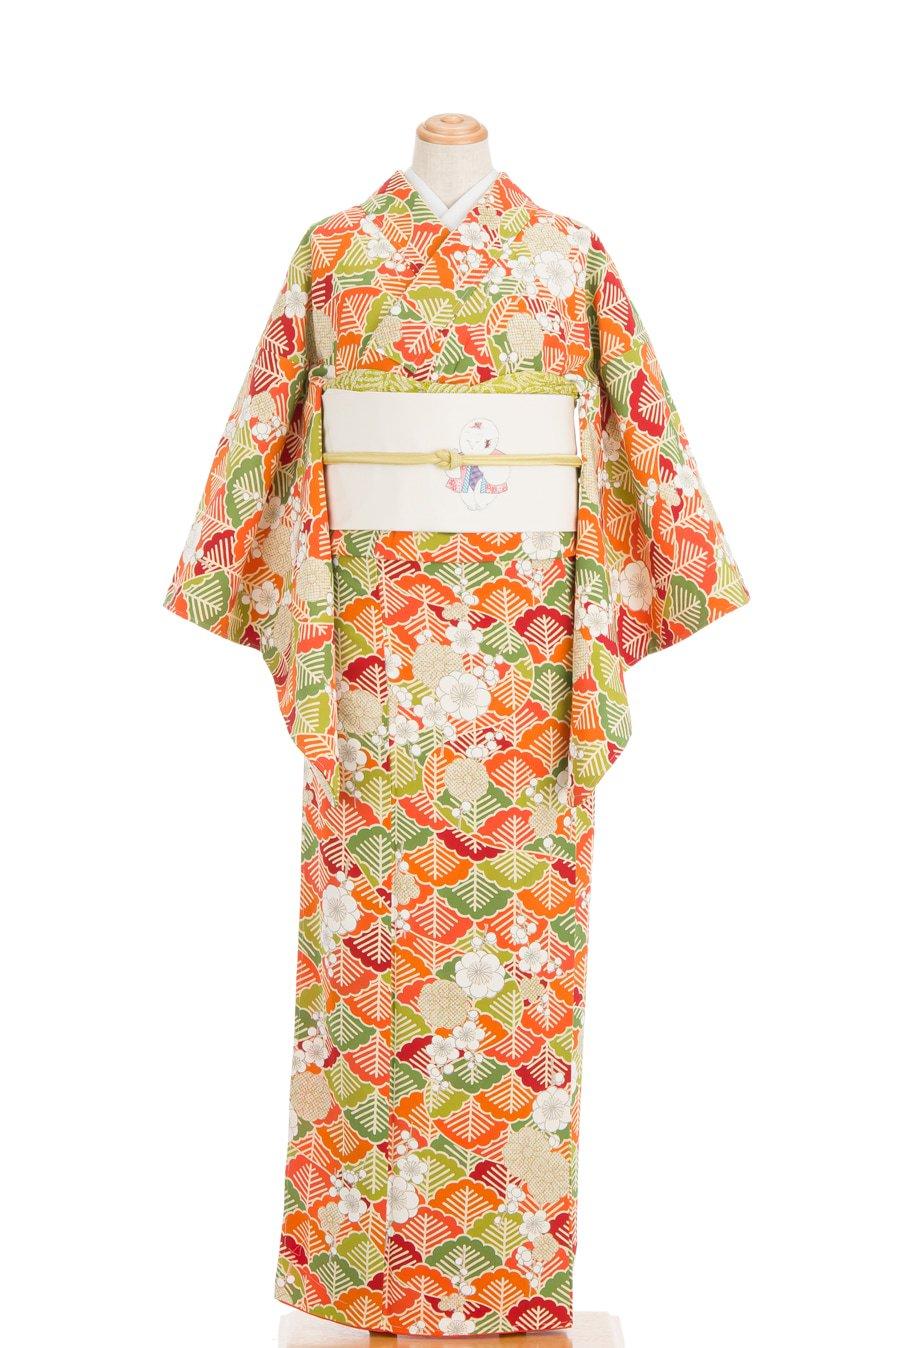 「松の波 梅の花」の商品画像